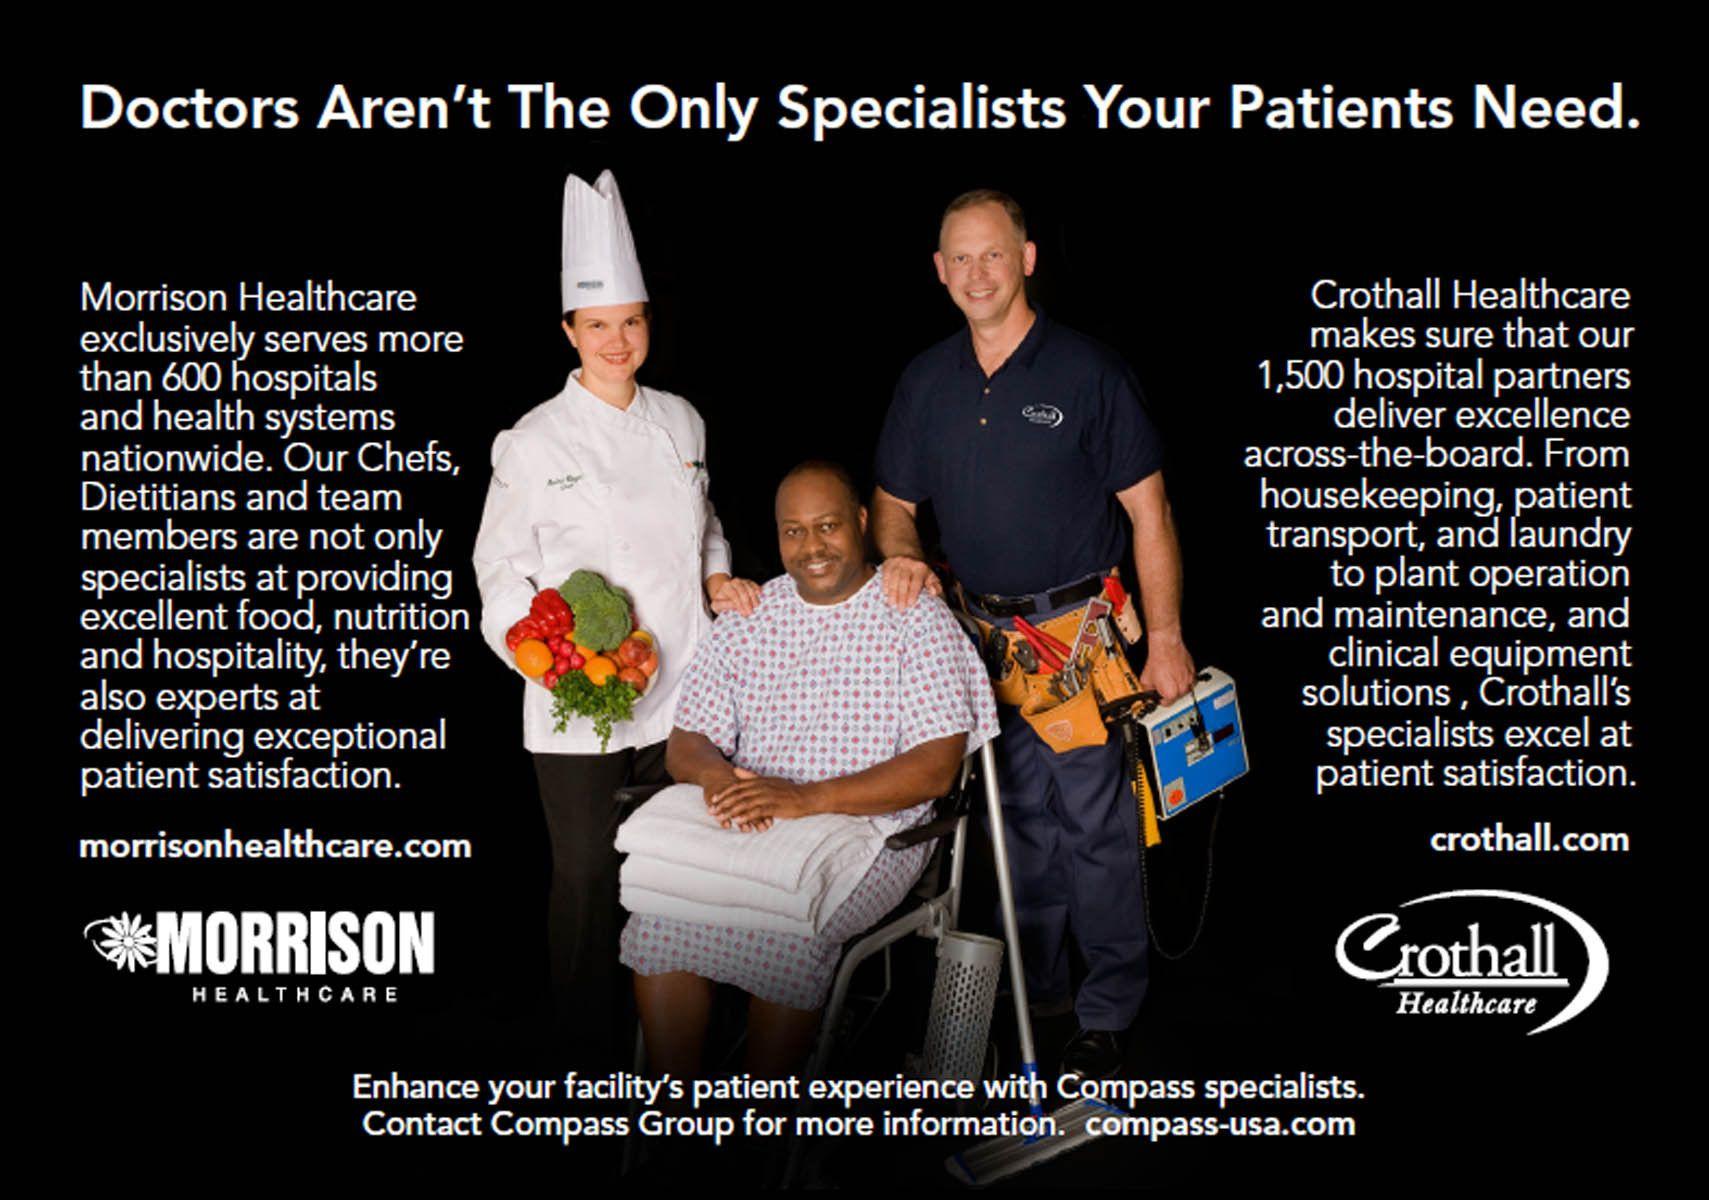 Morrison Healthcare ad